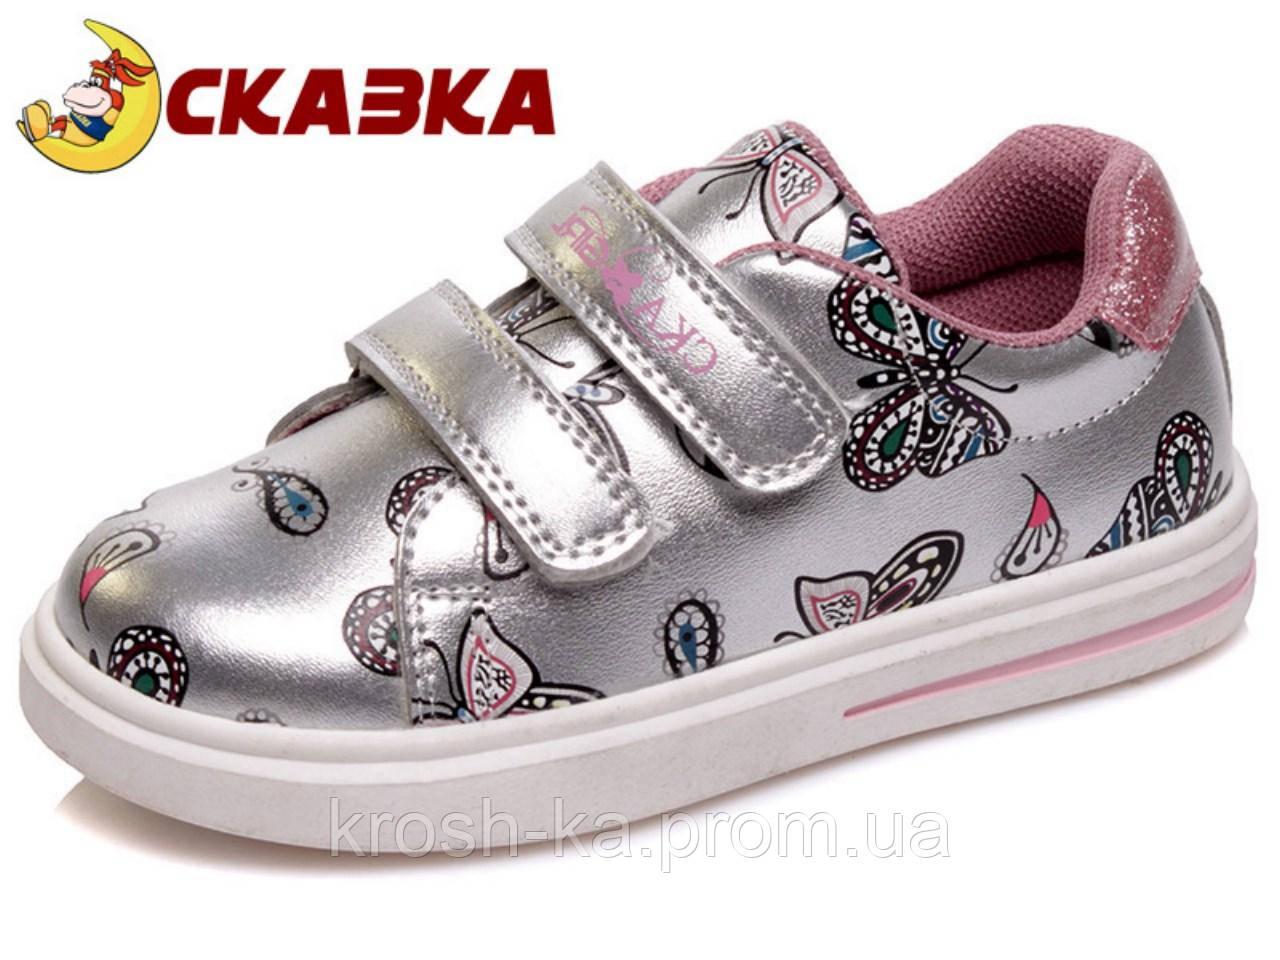 Кросівки для дівчинки Метелики срібло (21-26)р Казка(WeeStep) Україна R910733352S